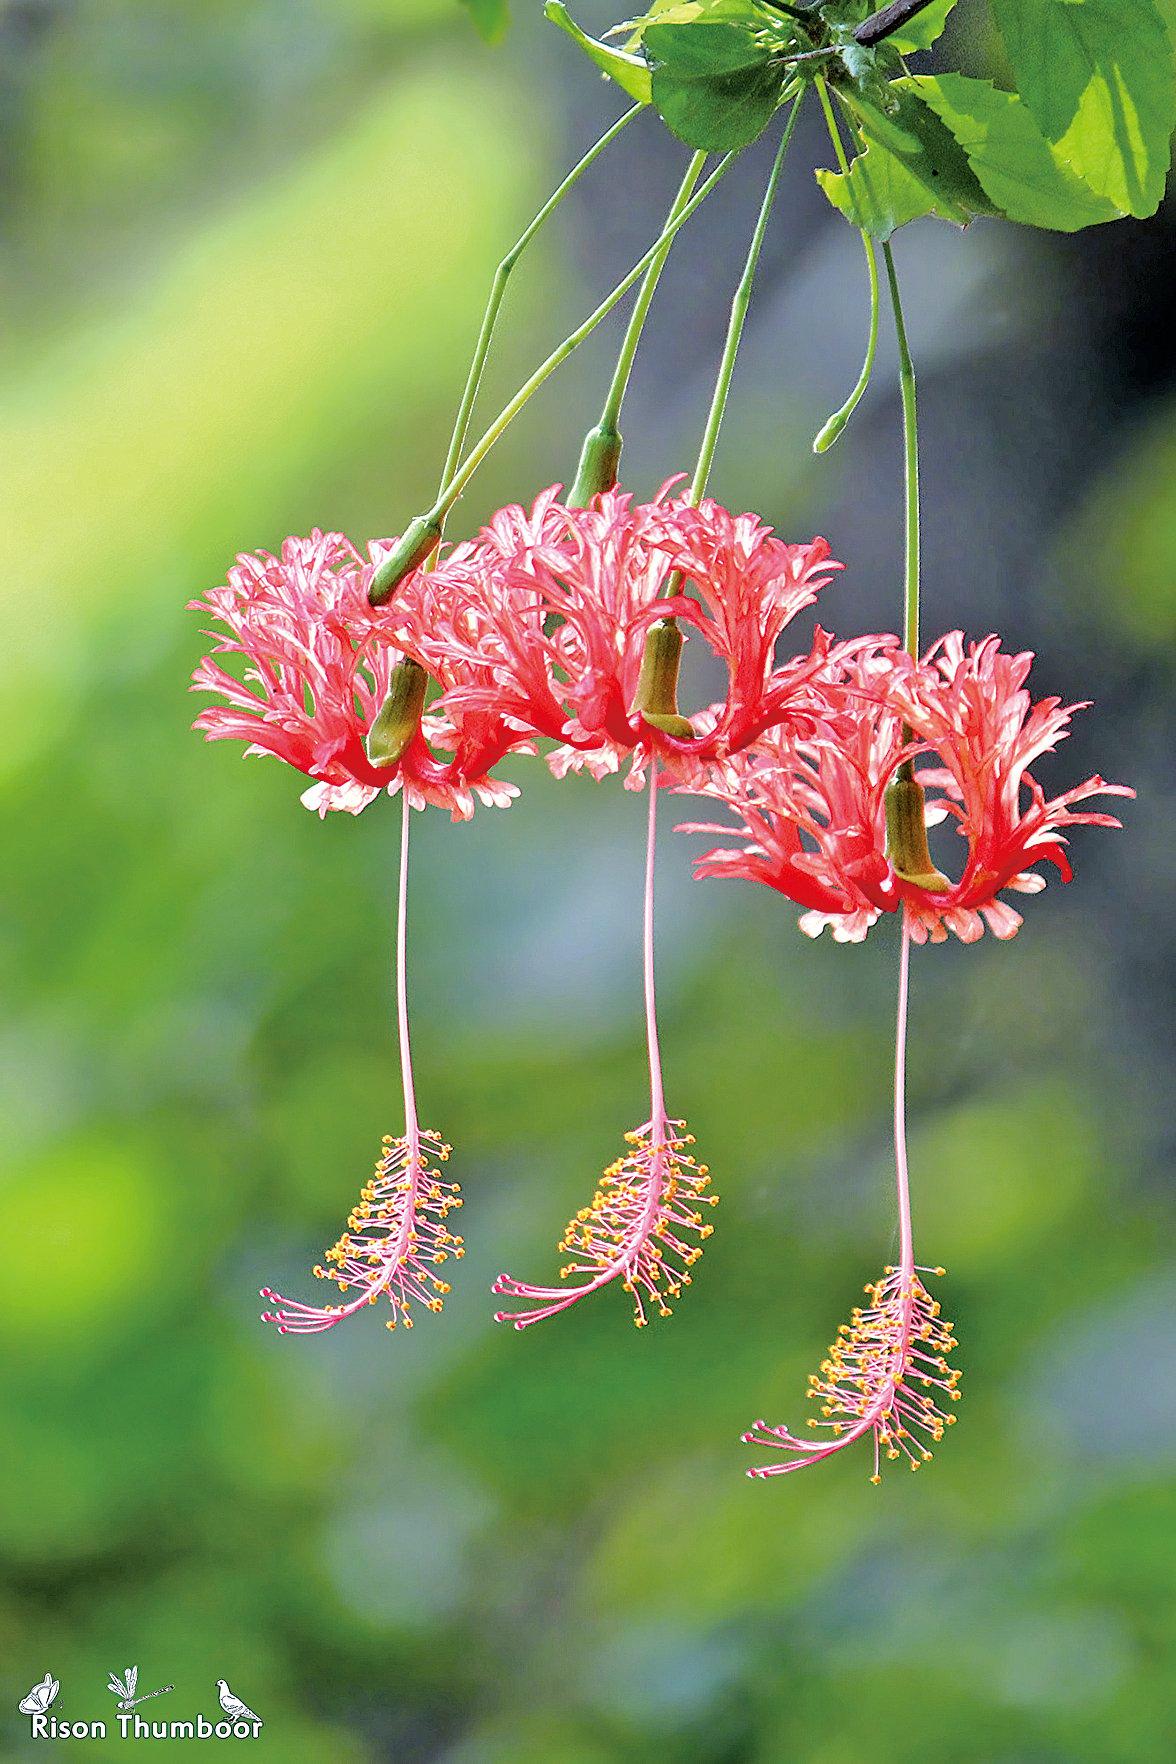 「吊燈扶桑」,別名裂瓣朱槿、珊瑚扶桑、燈籠花、吊燈花。 (Rison Thumboor/Wikimedia Commons)